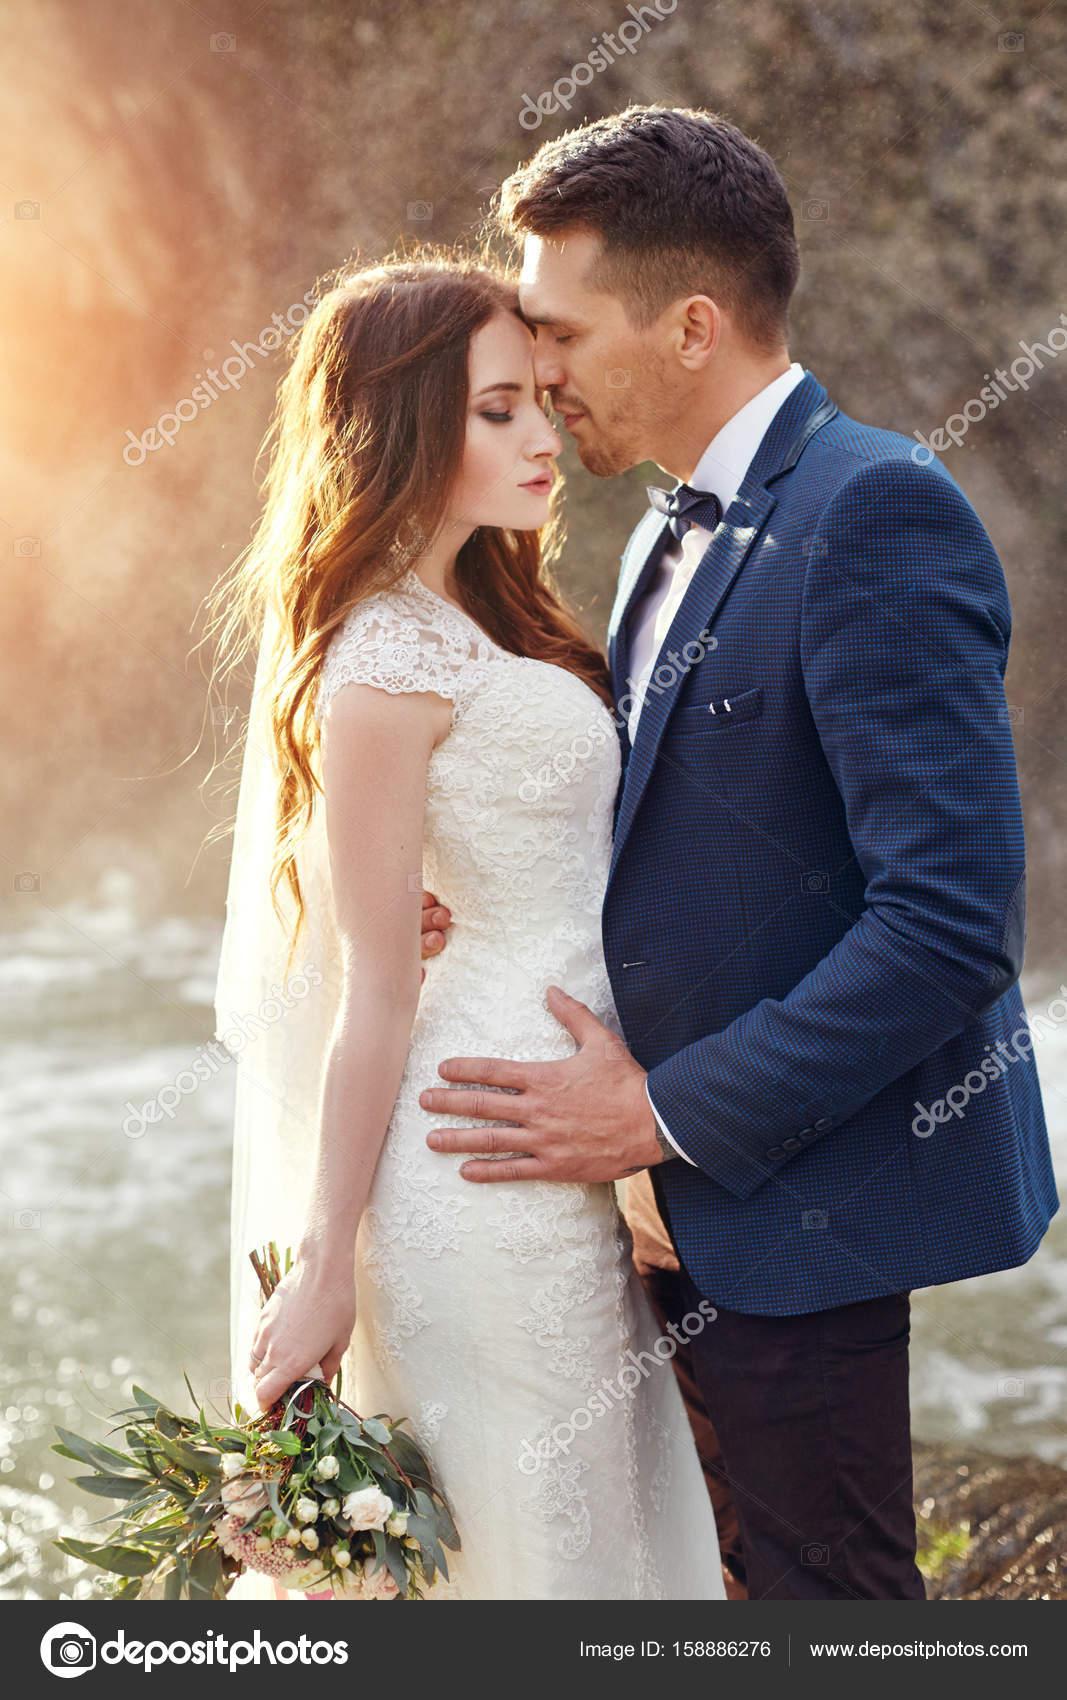 結婚式式の外。美しい花のブーケと新郎新婦。花嫁のためのウエディング ドレス。結婚式のカップルの抱っこが大好きです。ぼやけています。